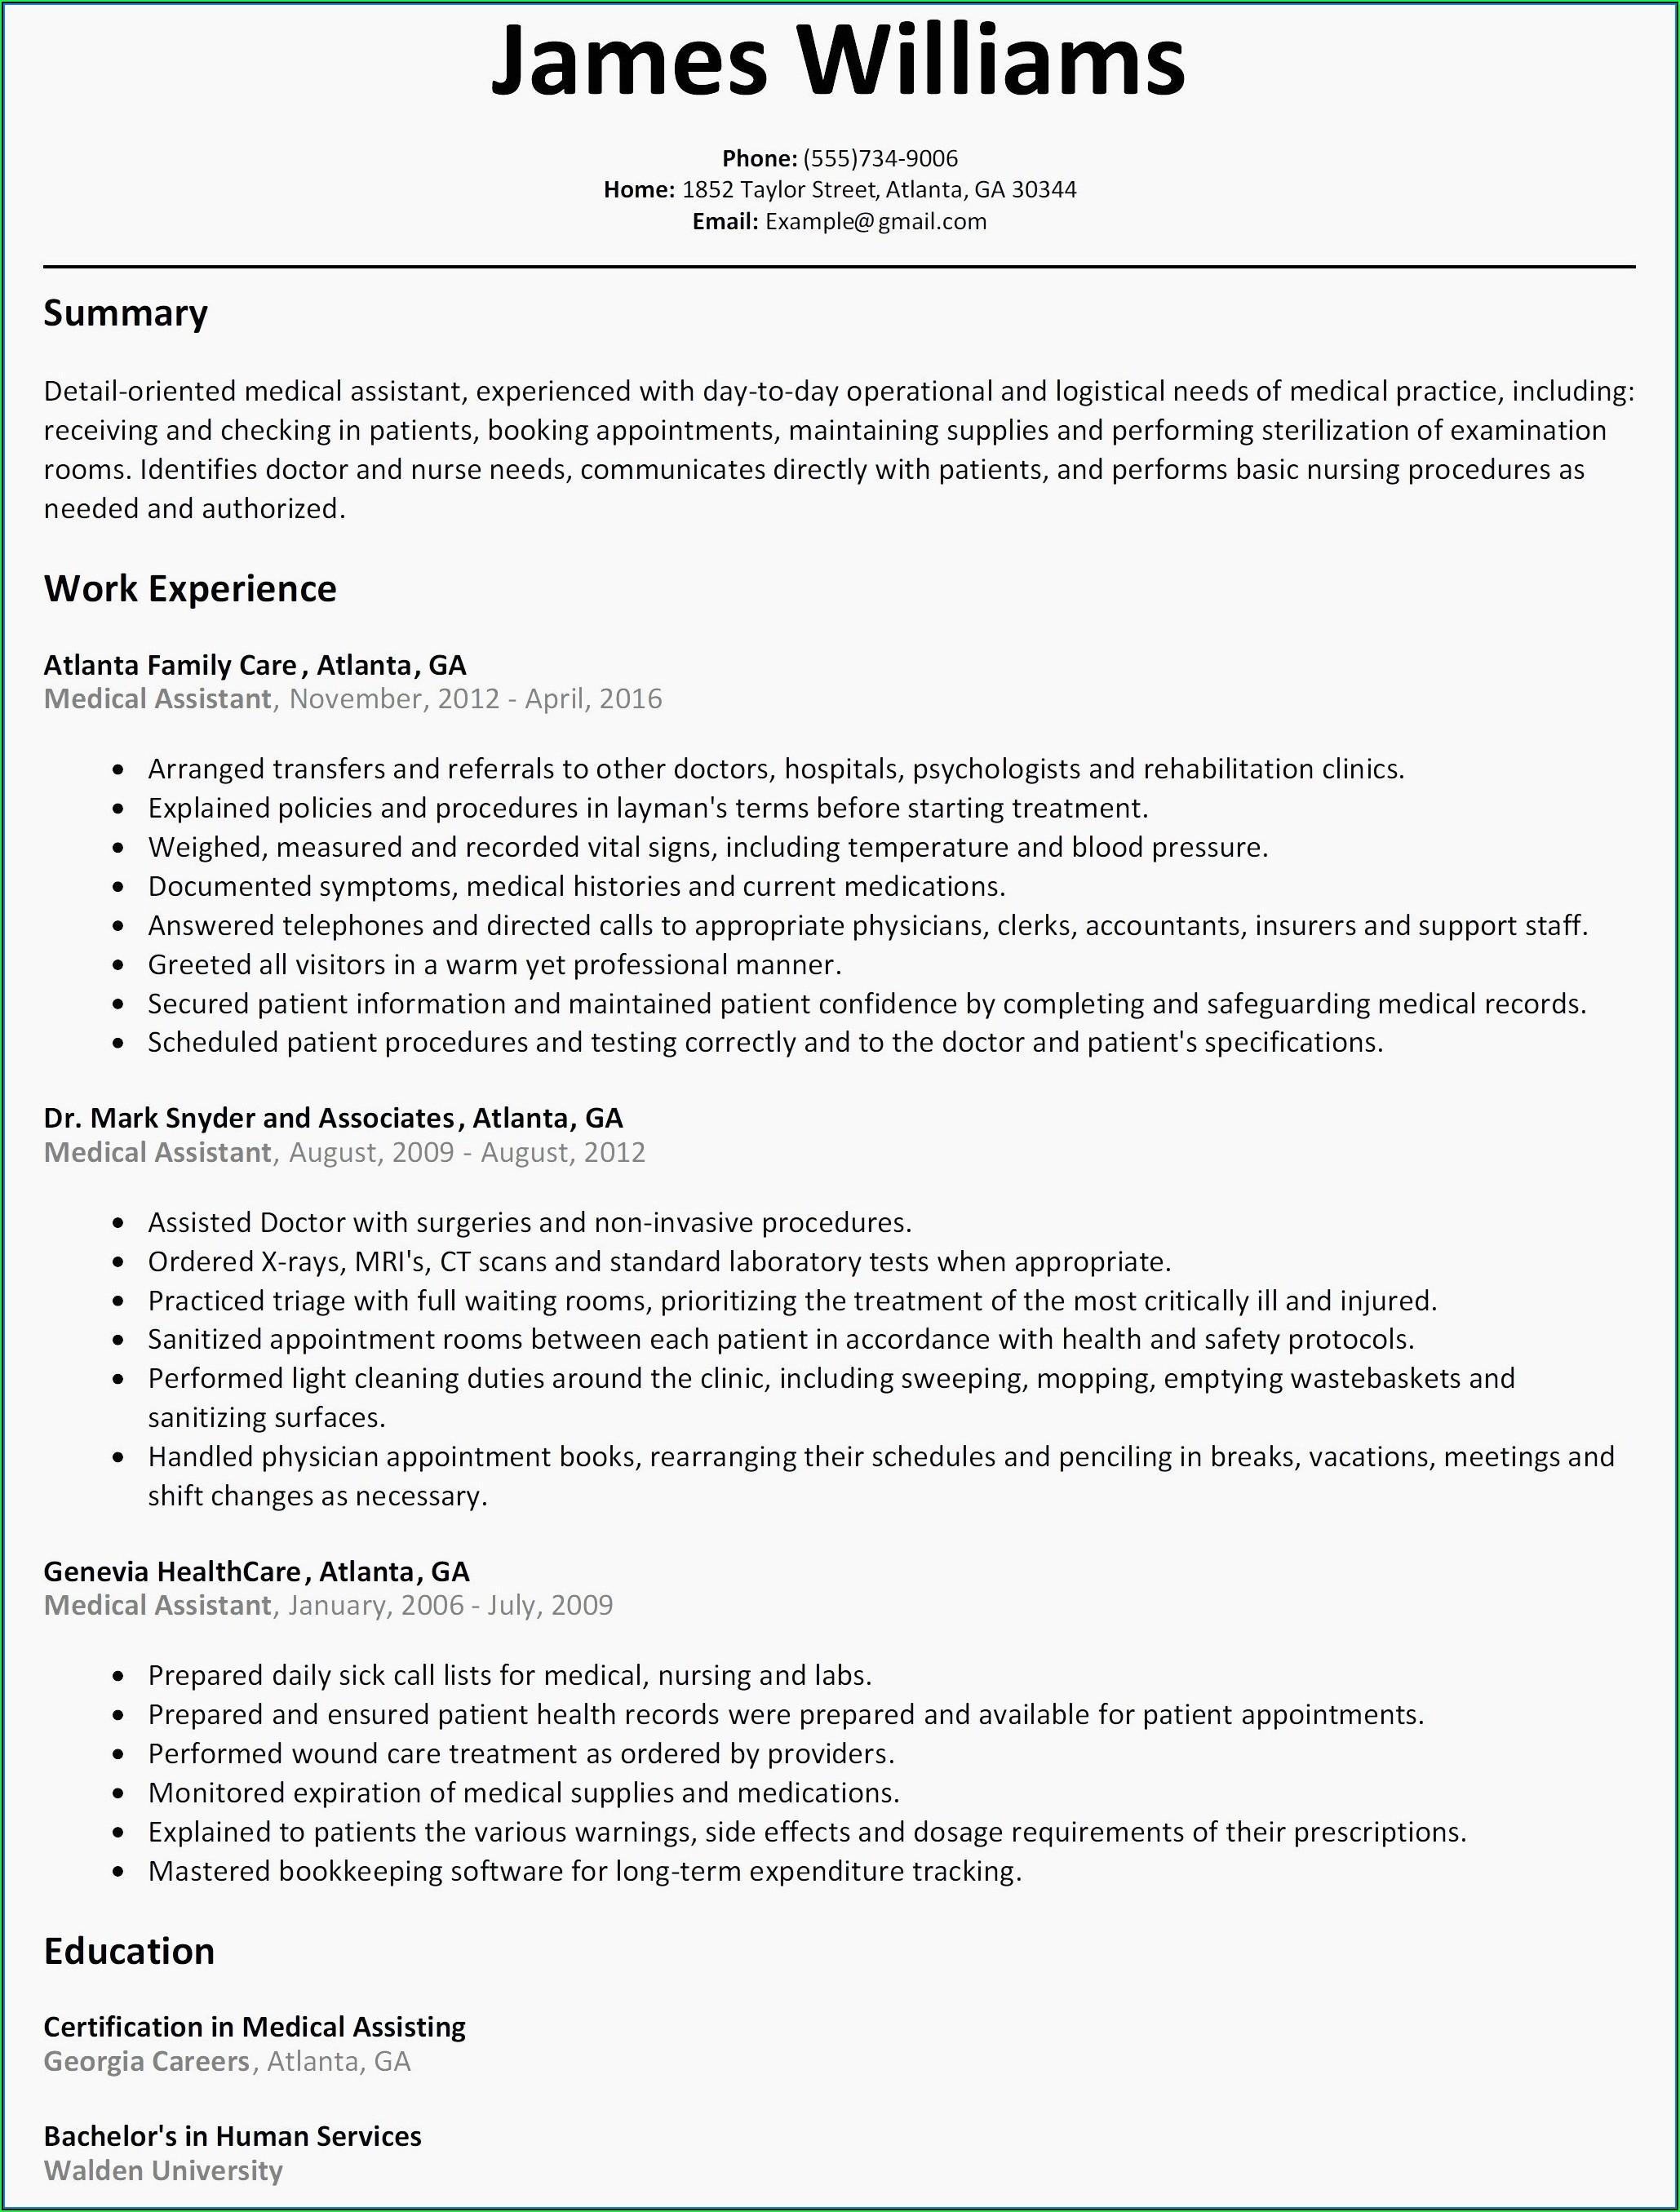 Free Resume Builder Yahoo